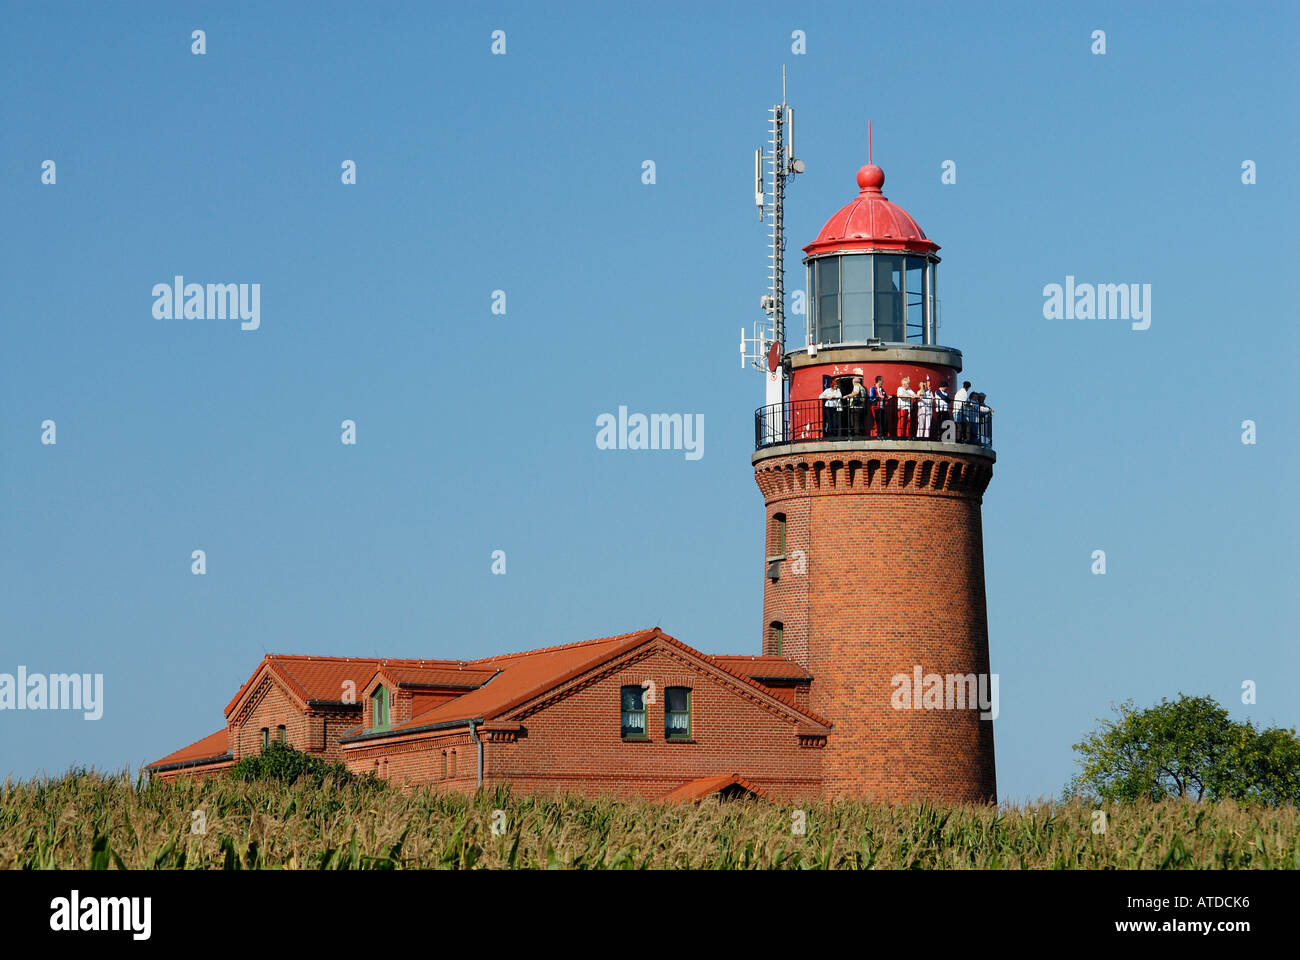 Les touristes profitant de la vue depuis le vieux phare dans près de Kühlungsborn, Western-Pomerania Bütgenbacher Hof, Allemagne Banque D'Images